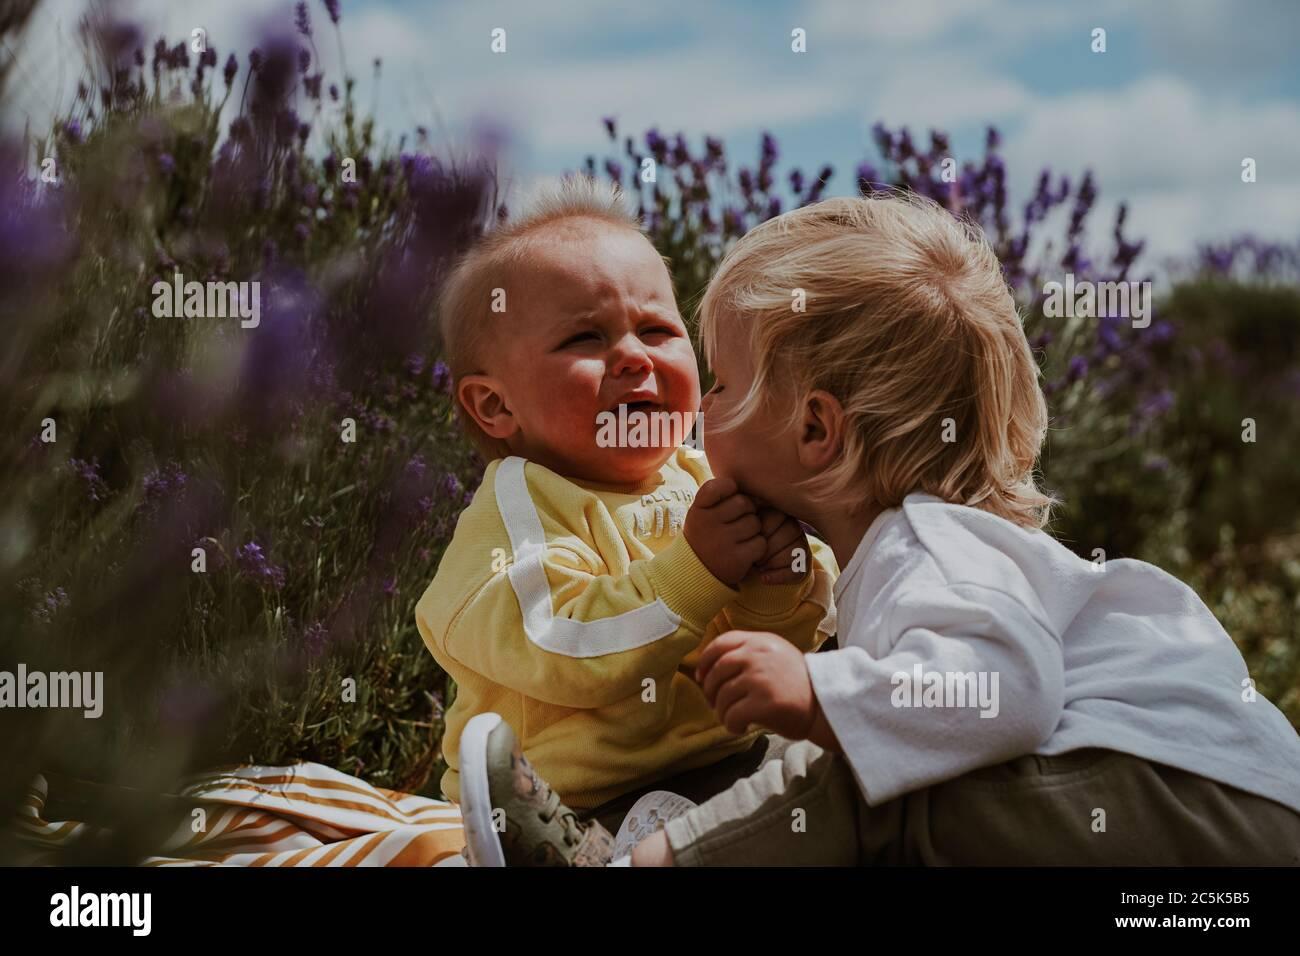 Dos niños pequeños en Lavender Field, Reino Unido Foto de stock